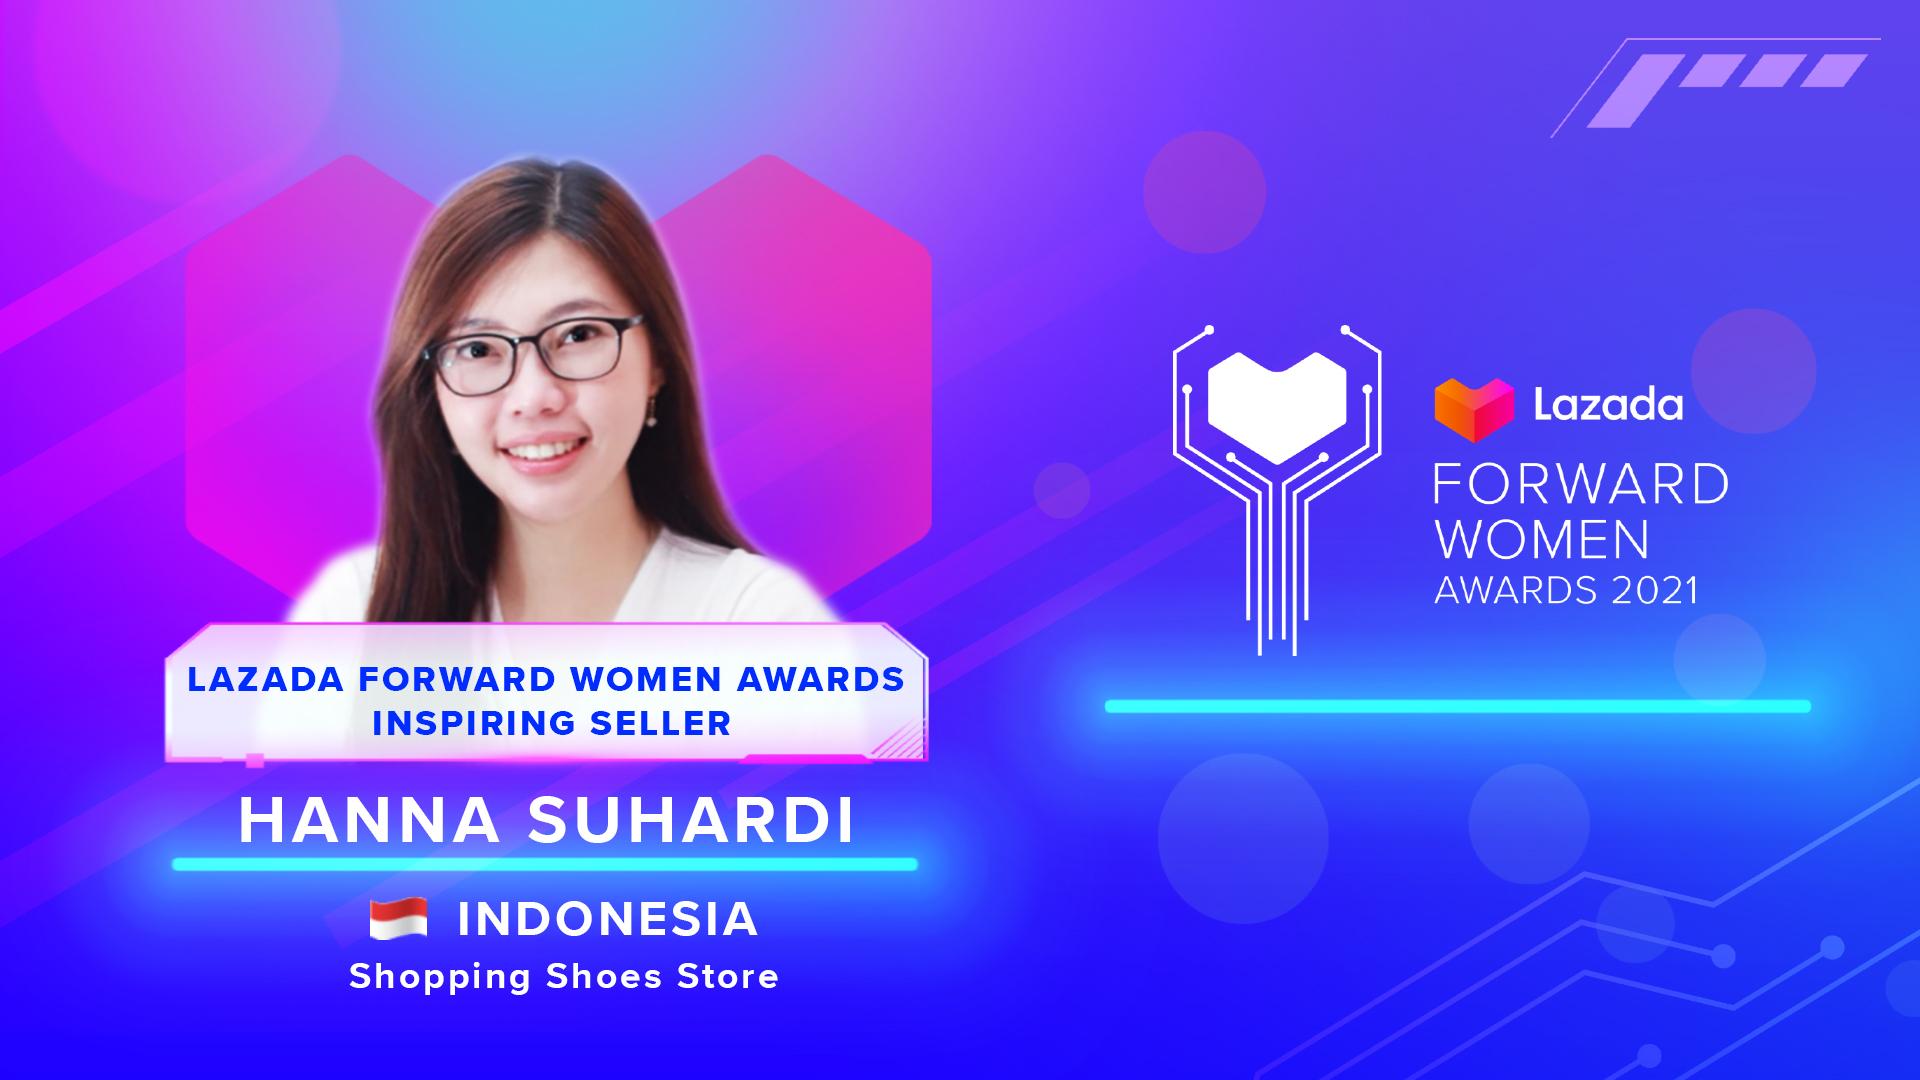 Hanna-Suhardi-Lazada Forward Women Awards